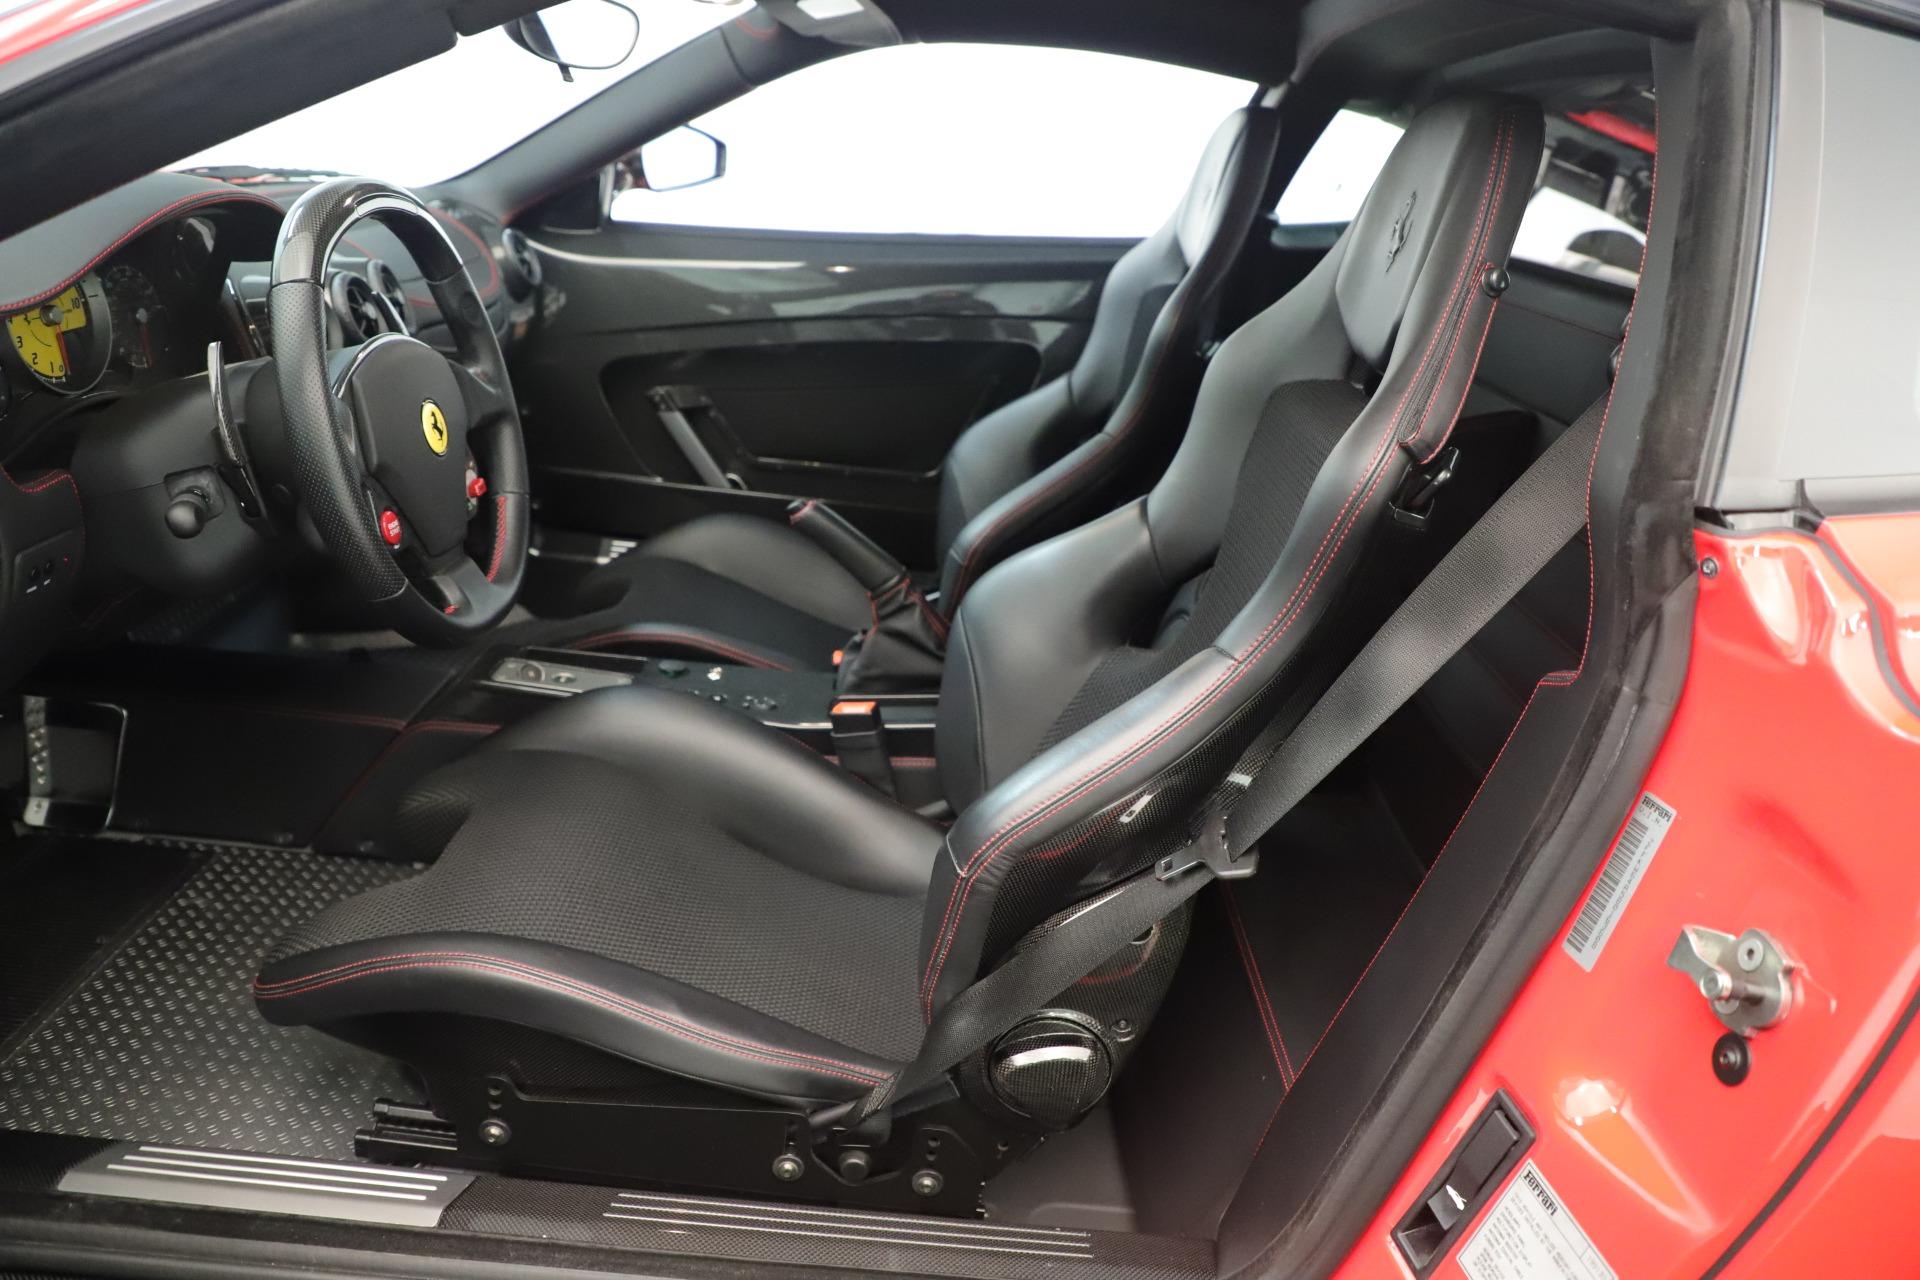 Used 2008 Ferrari F430 Scuderia For Sale In Greenwich, CT 3381_p15